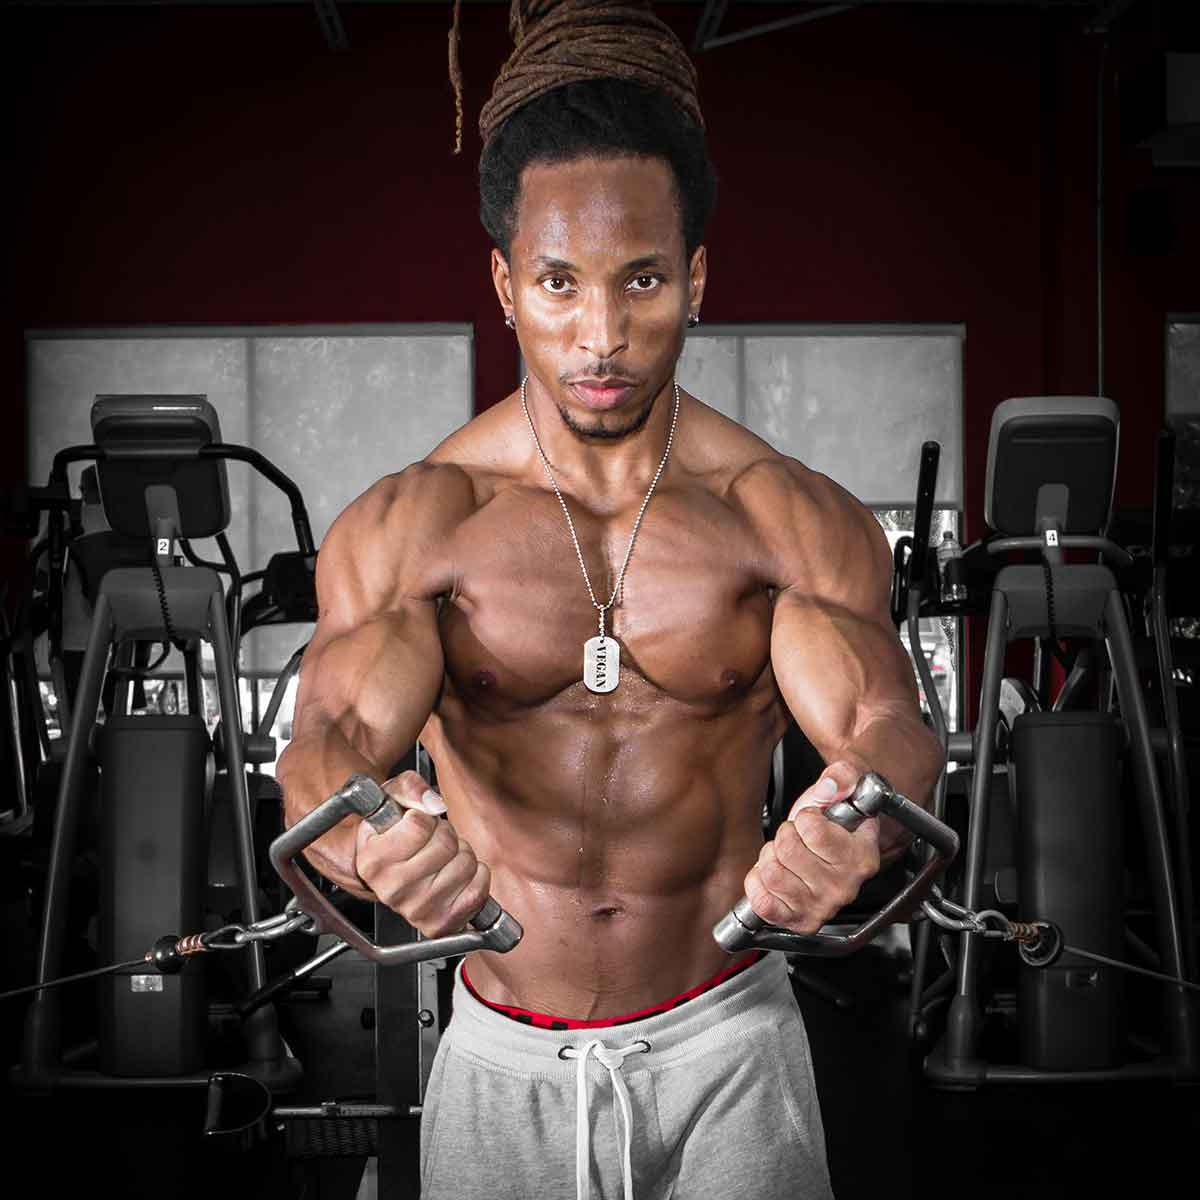 Najboljša hrana z visoko beljakovinami, ki jo jemo kot veganski bodybuilder-4434